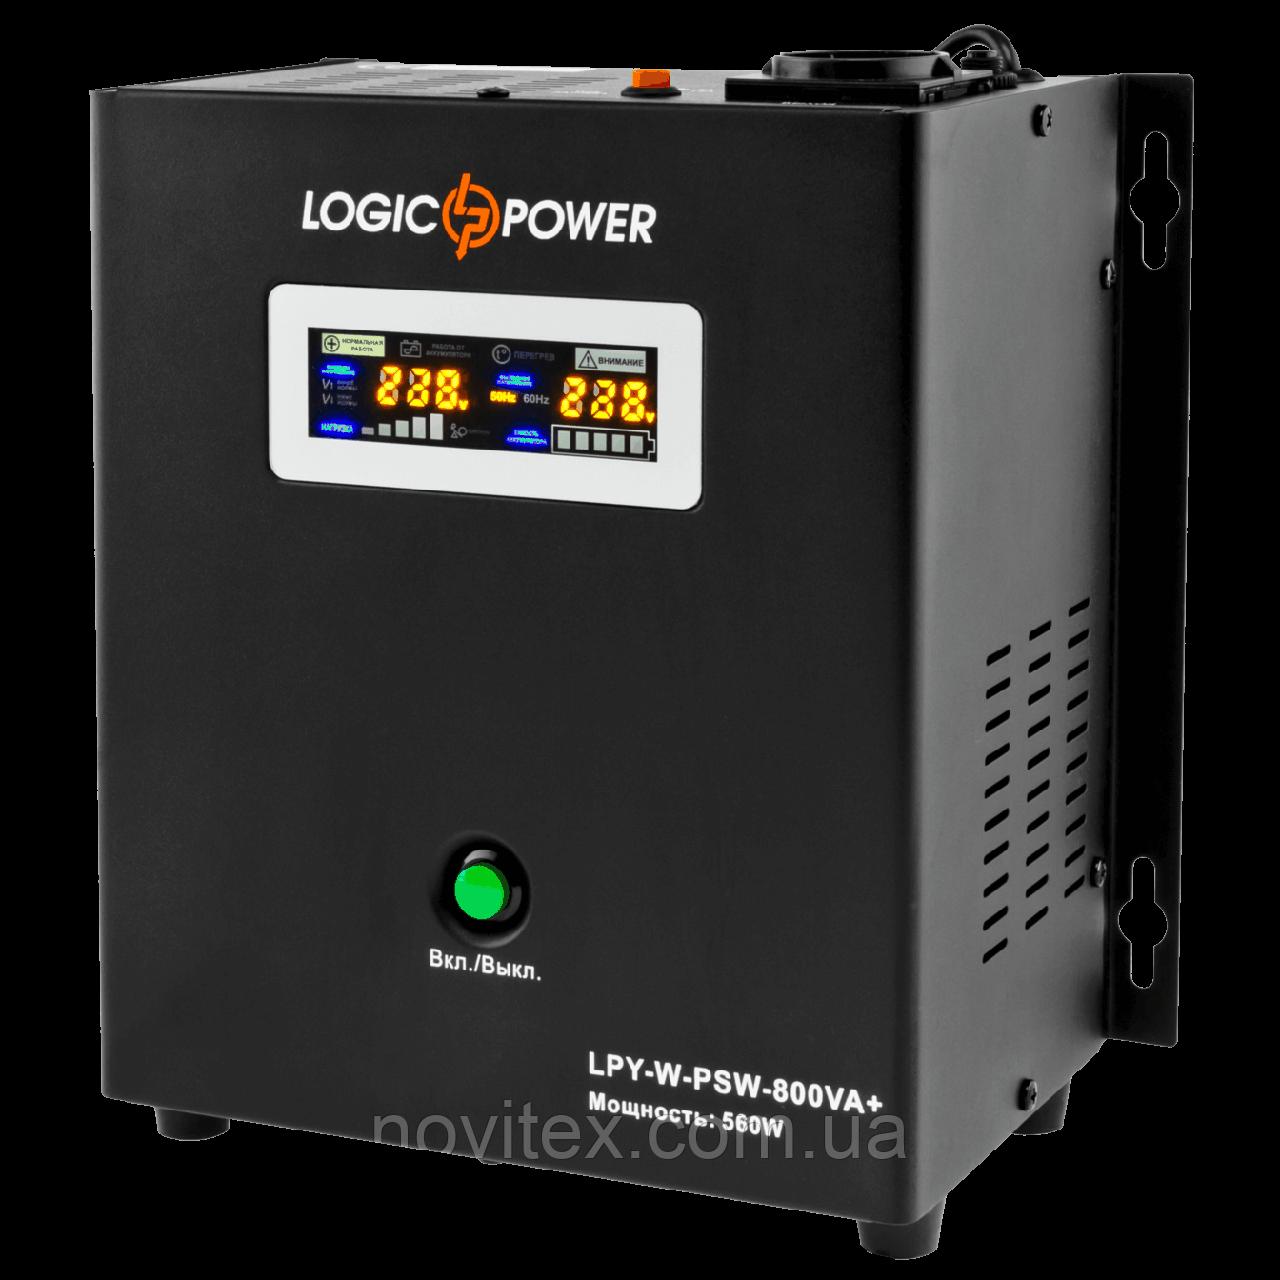 ИБП Logicpower LPY-W-PSW-800+ (560Вт)